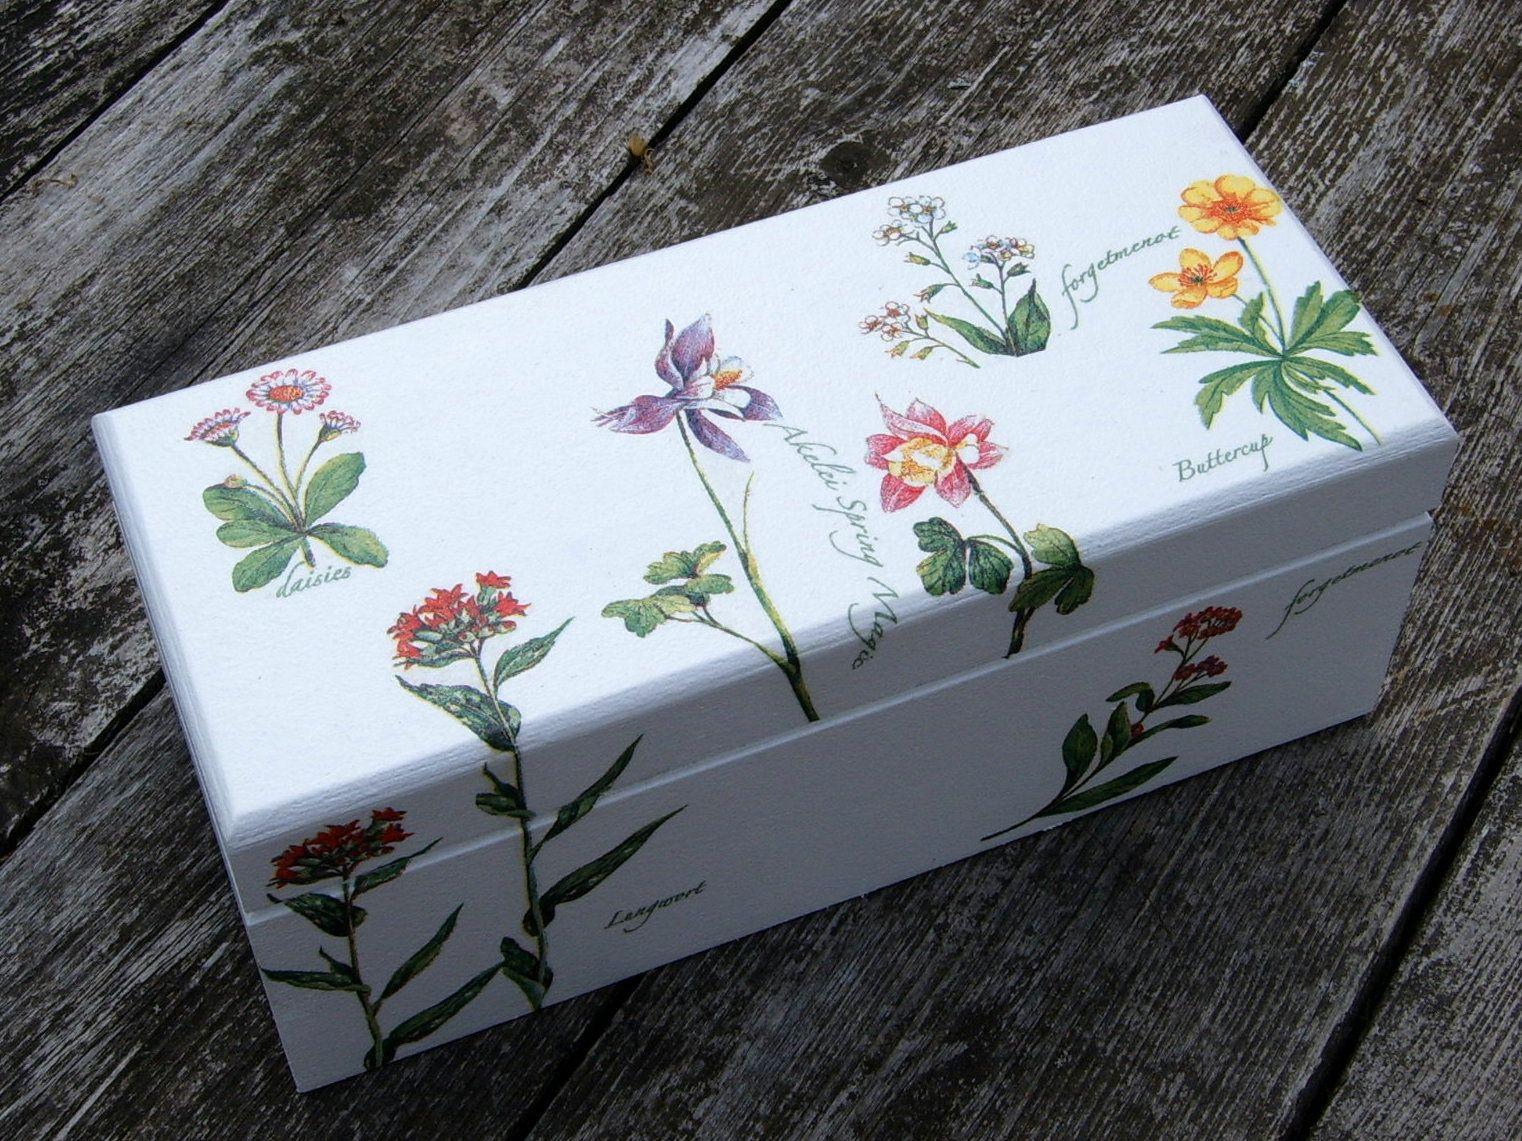 Decoupage manos m gicas pinterest madera pintada manualidades y bricolaje y manualidades - Manualidades y bricolaje ...